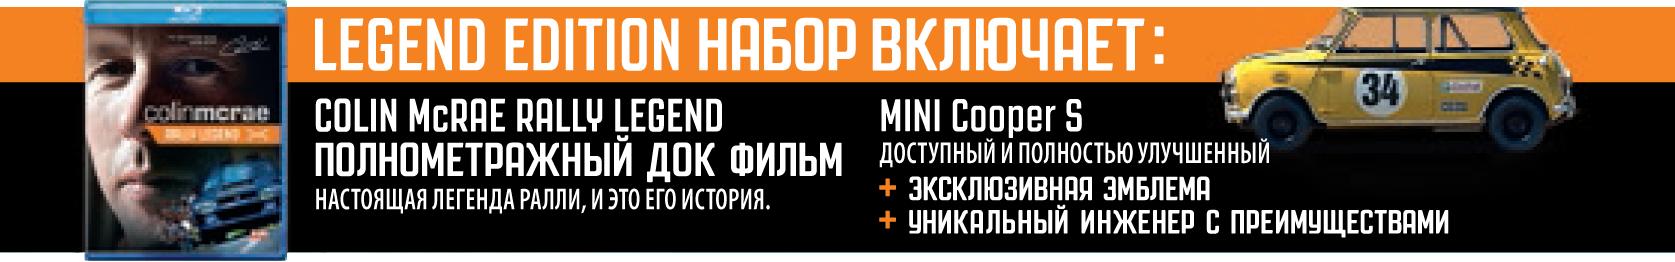 Компания Бука выступит дистрибьютором DiRT Rally Legend Edition в России! - Изображение 2